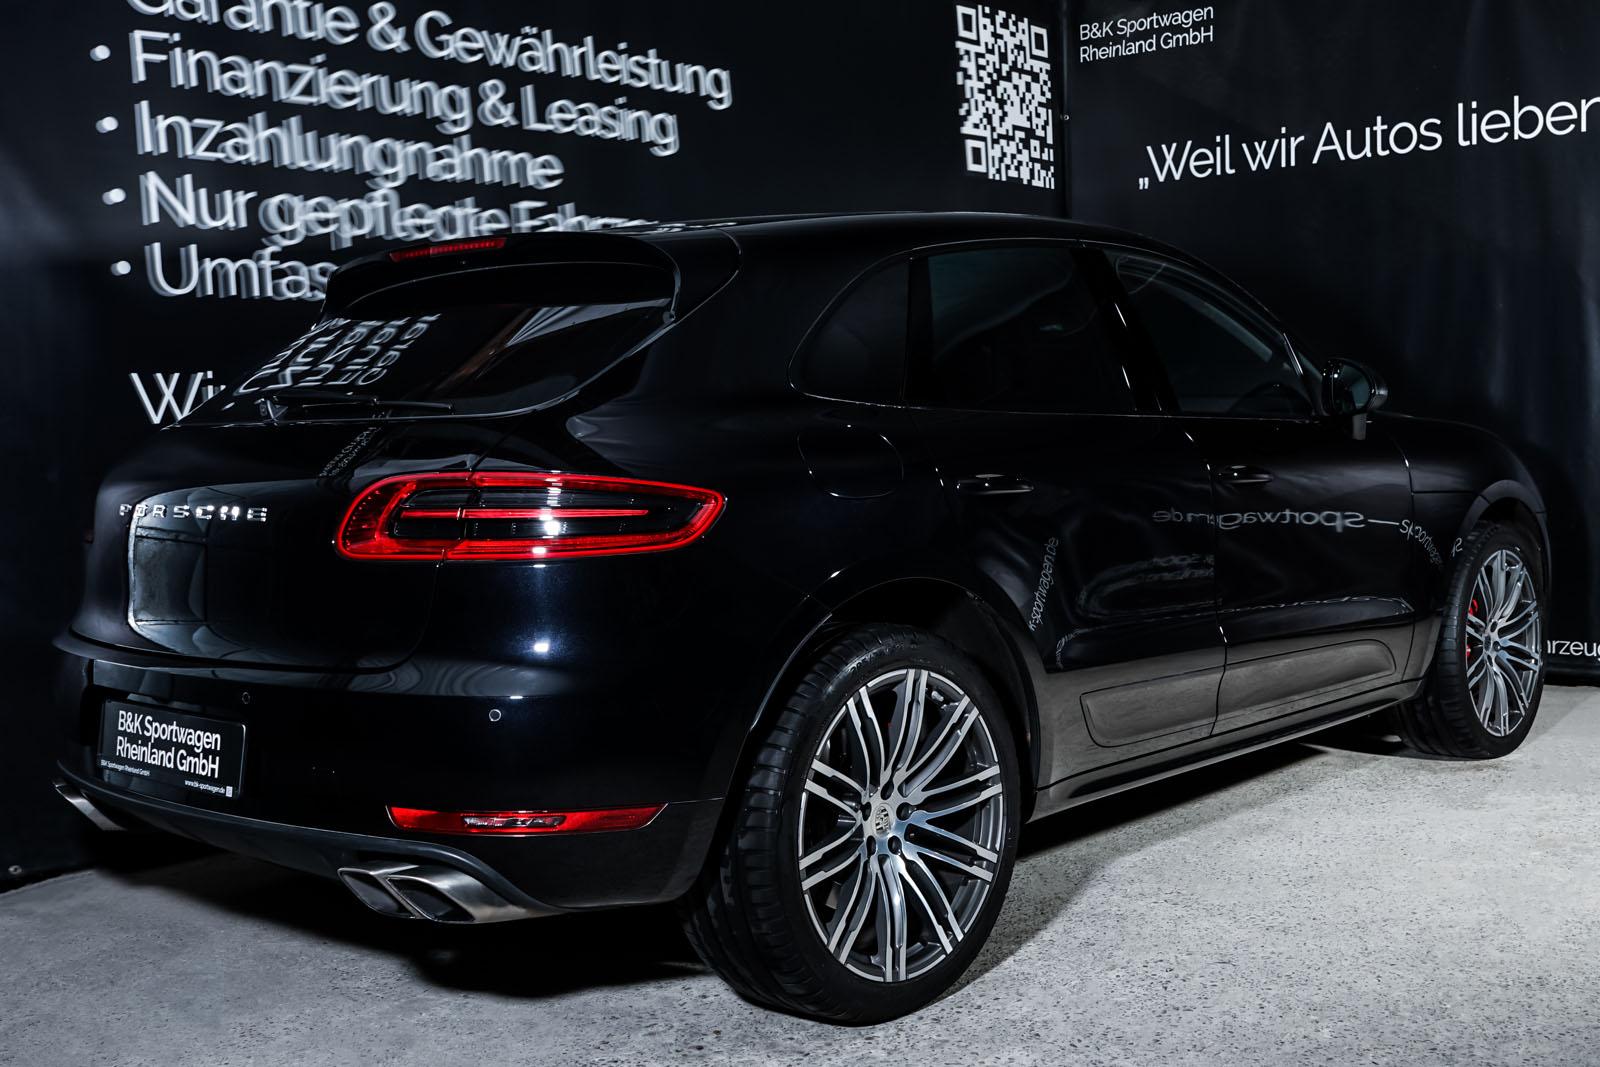 Porsche_Macan_TurboS_Schwarz_Schwarz_POR-2871_14_w